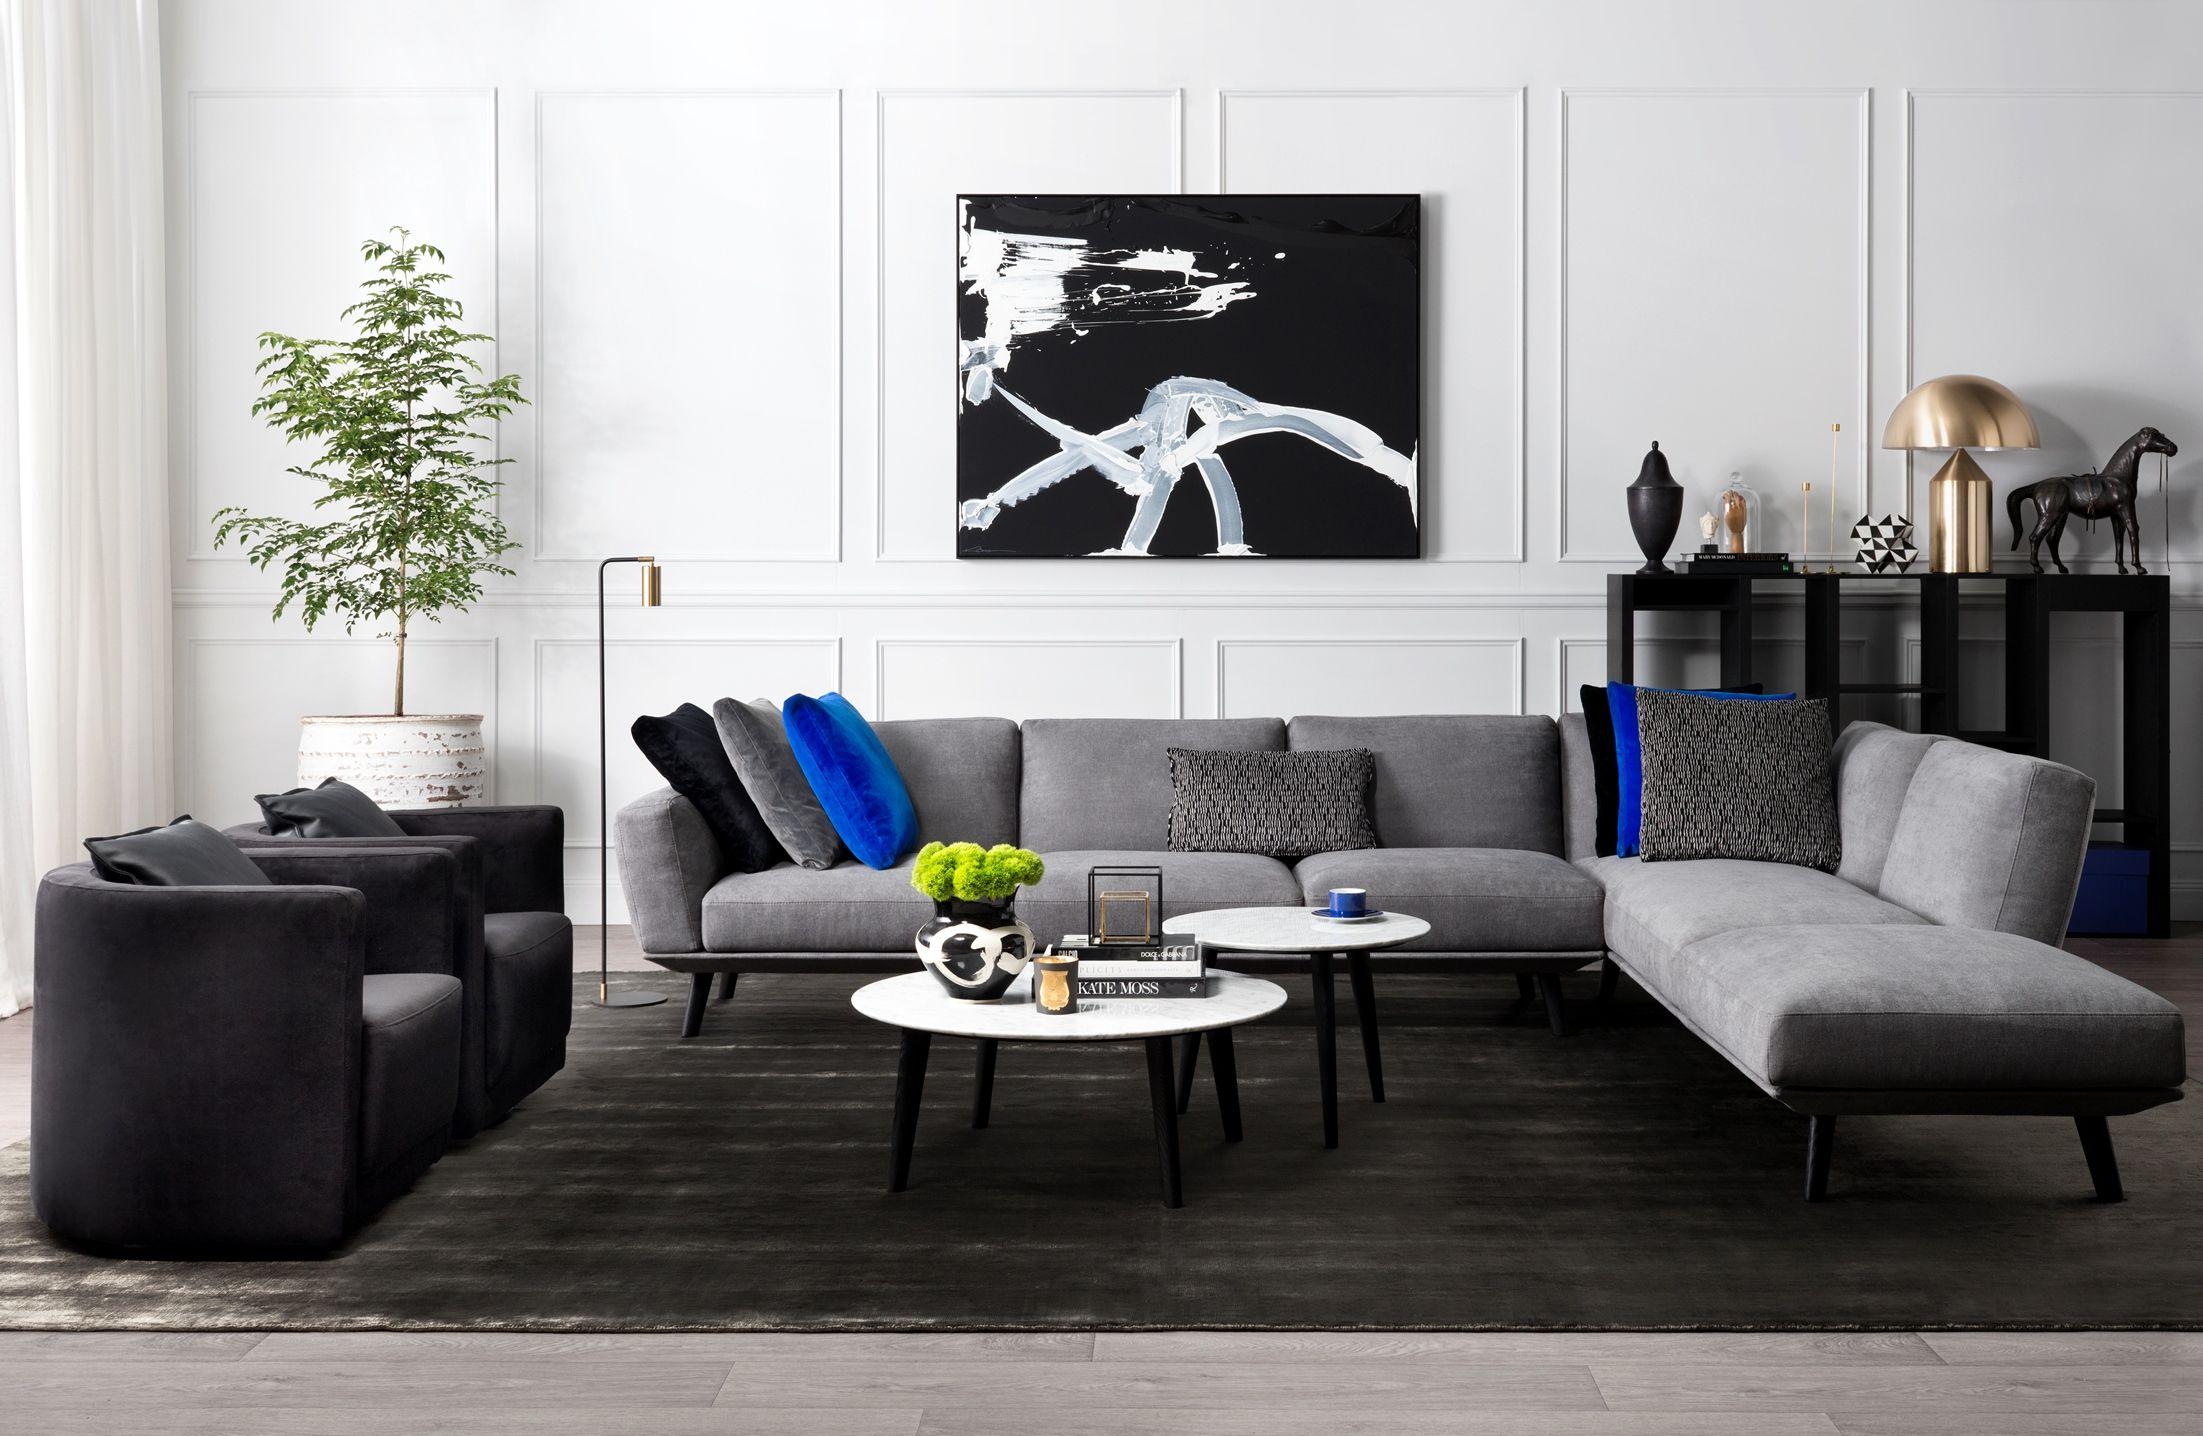 Top Ergebnis 50 Frisch Design sofa line Galerie 2017 Zzt4 2017